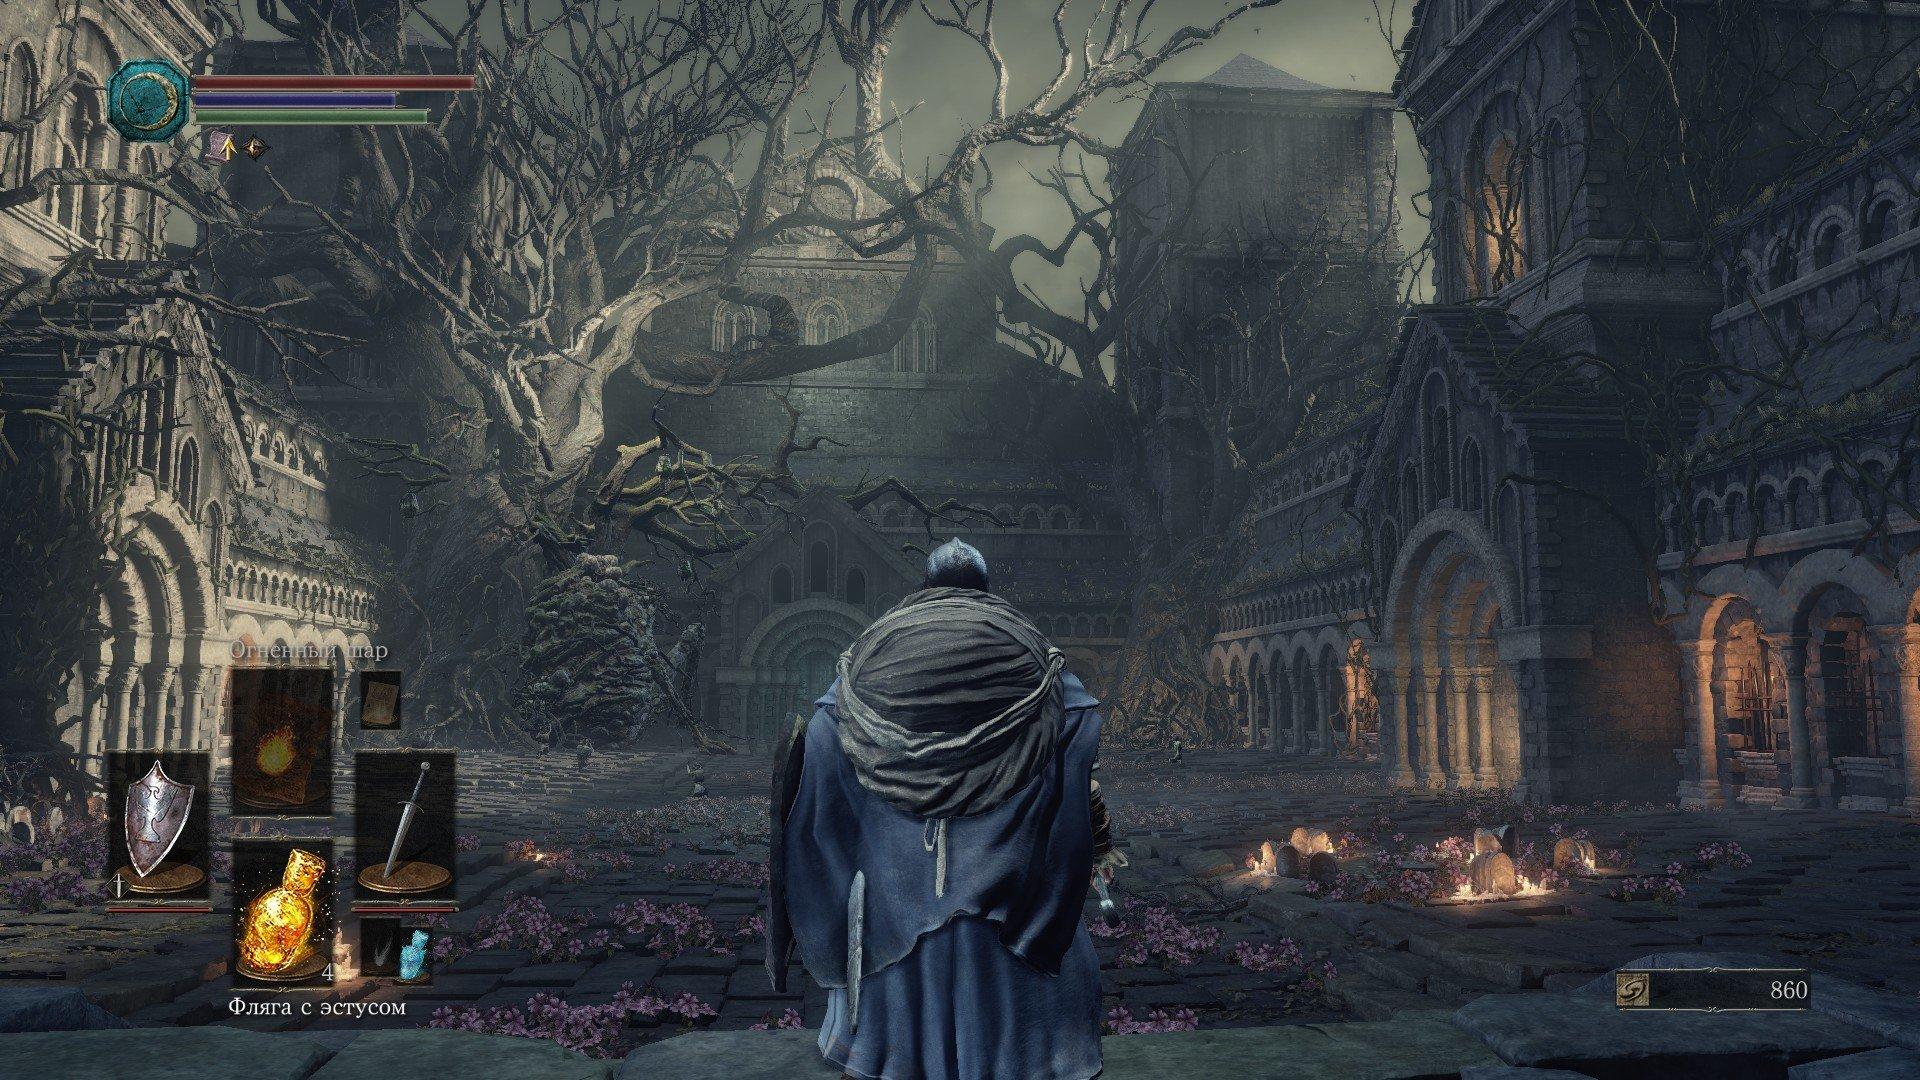 Обзор Dark Souls 3 - Изображение 3